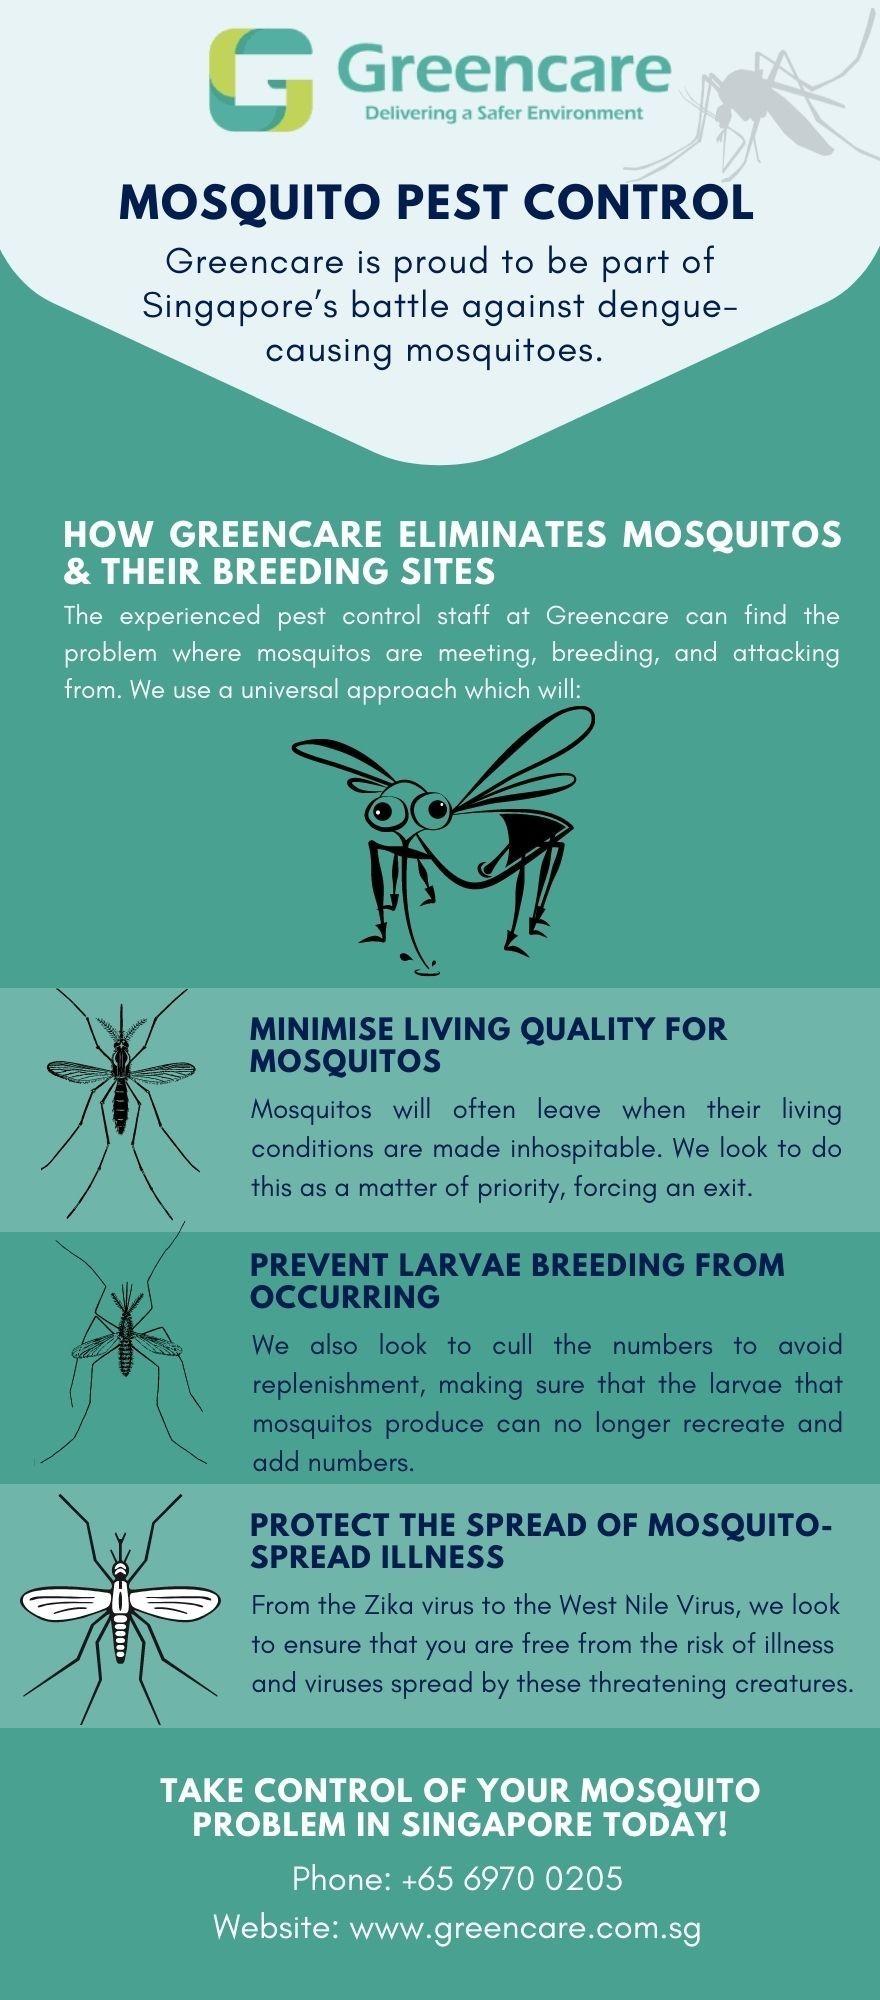 Mosquito Pest Control Singapore - Greencare